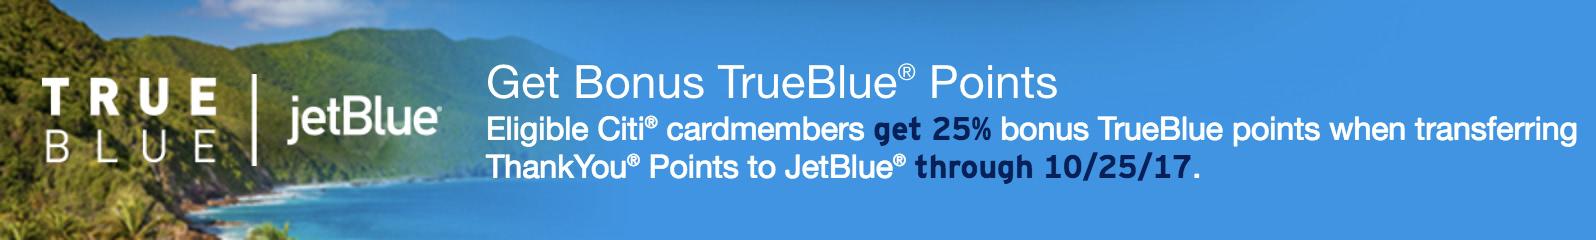 JetBlue TrueBlue 25 Percent Transfer Bonus from ThankYou Points Banner